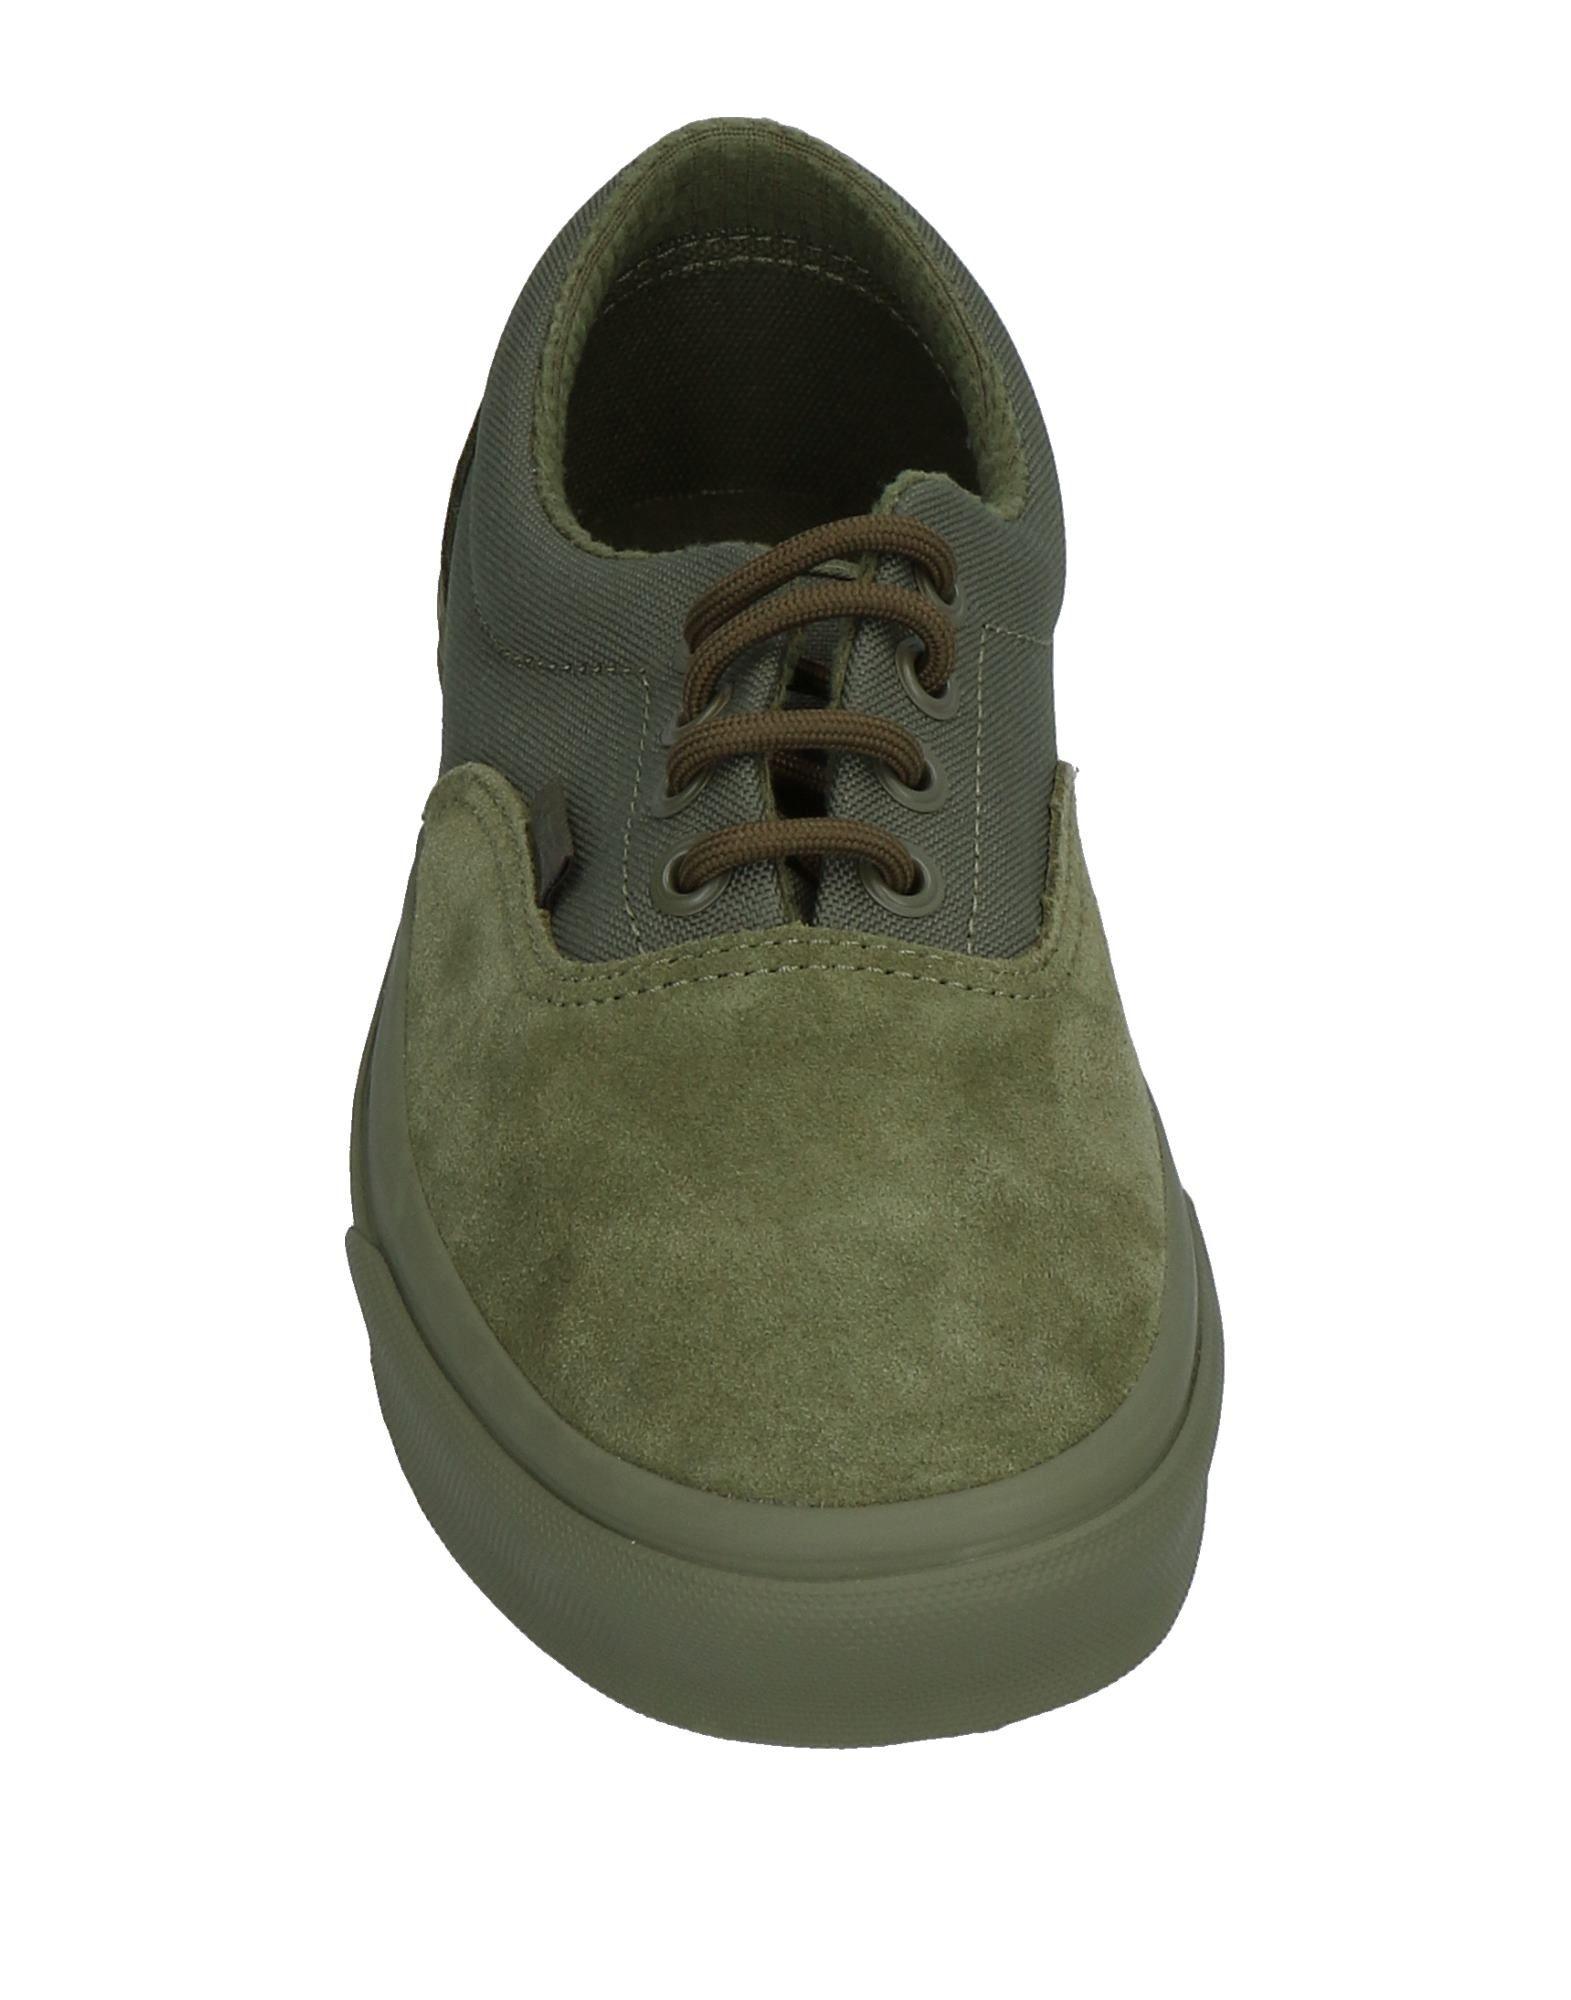 Vans Sneakers Damen Qualität  11495614JJ Gute Qualität Damen beliebte Schuhe 763cc8